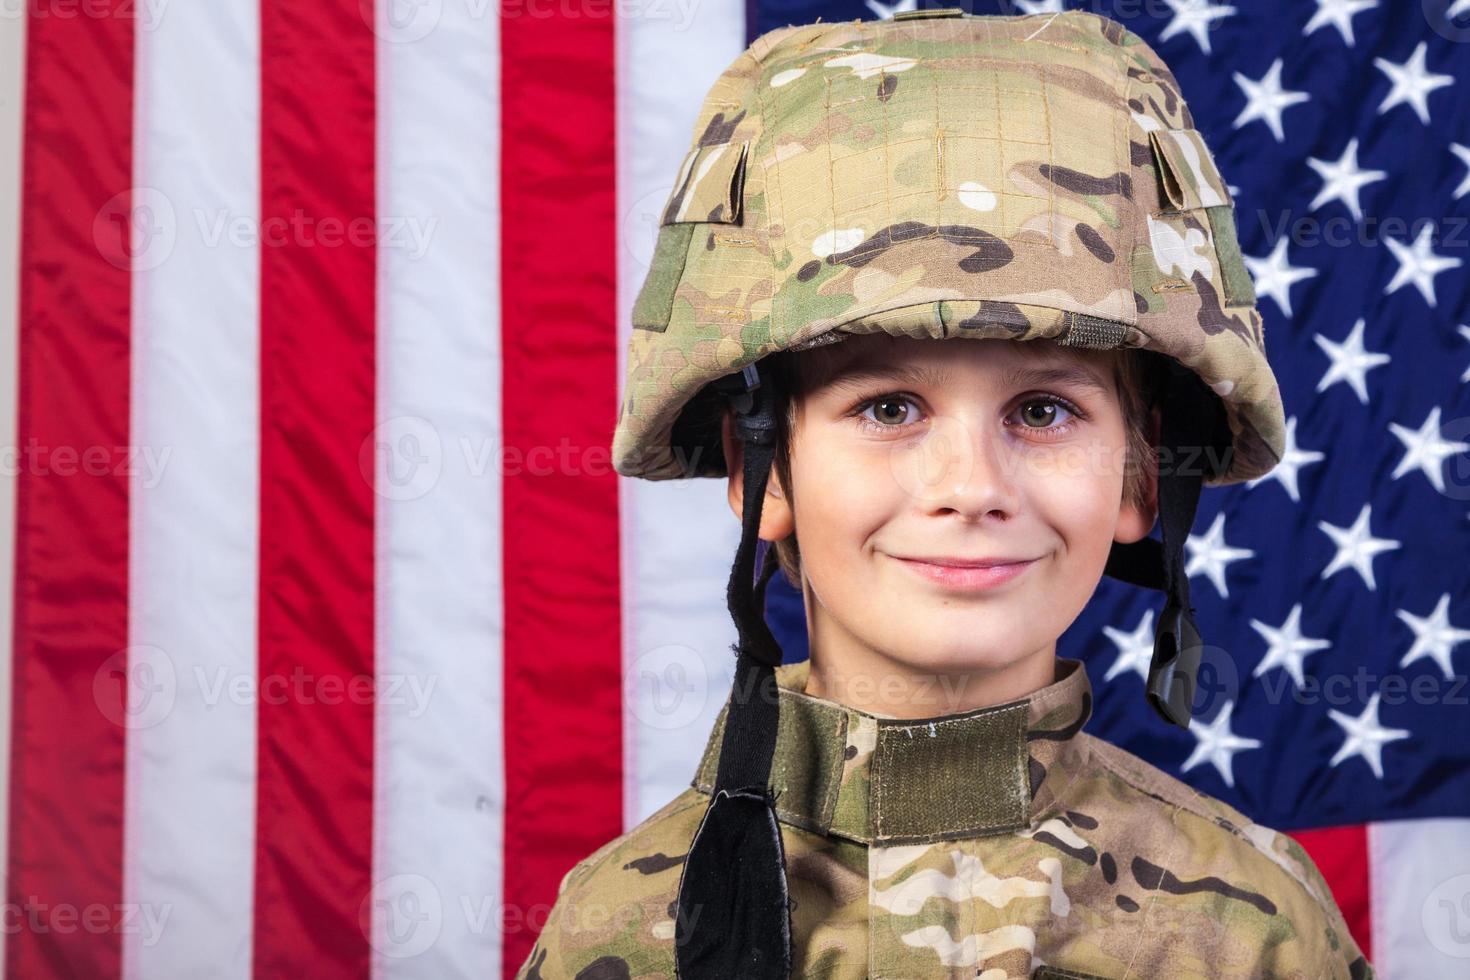 Joven vestido como un soldado con bandera americana foto